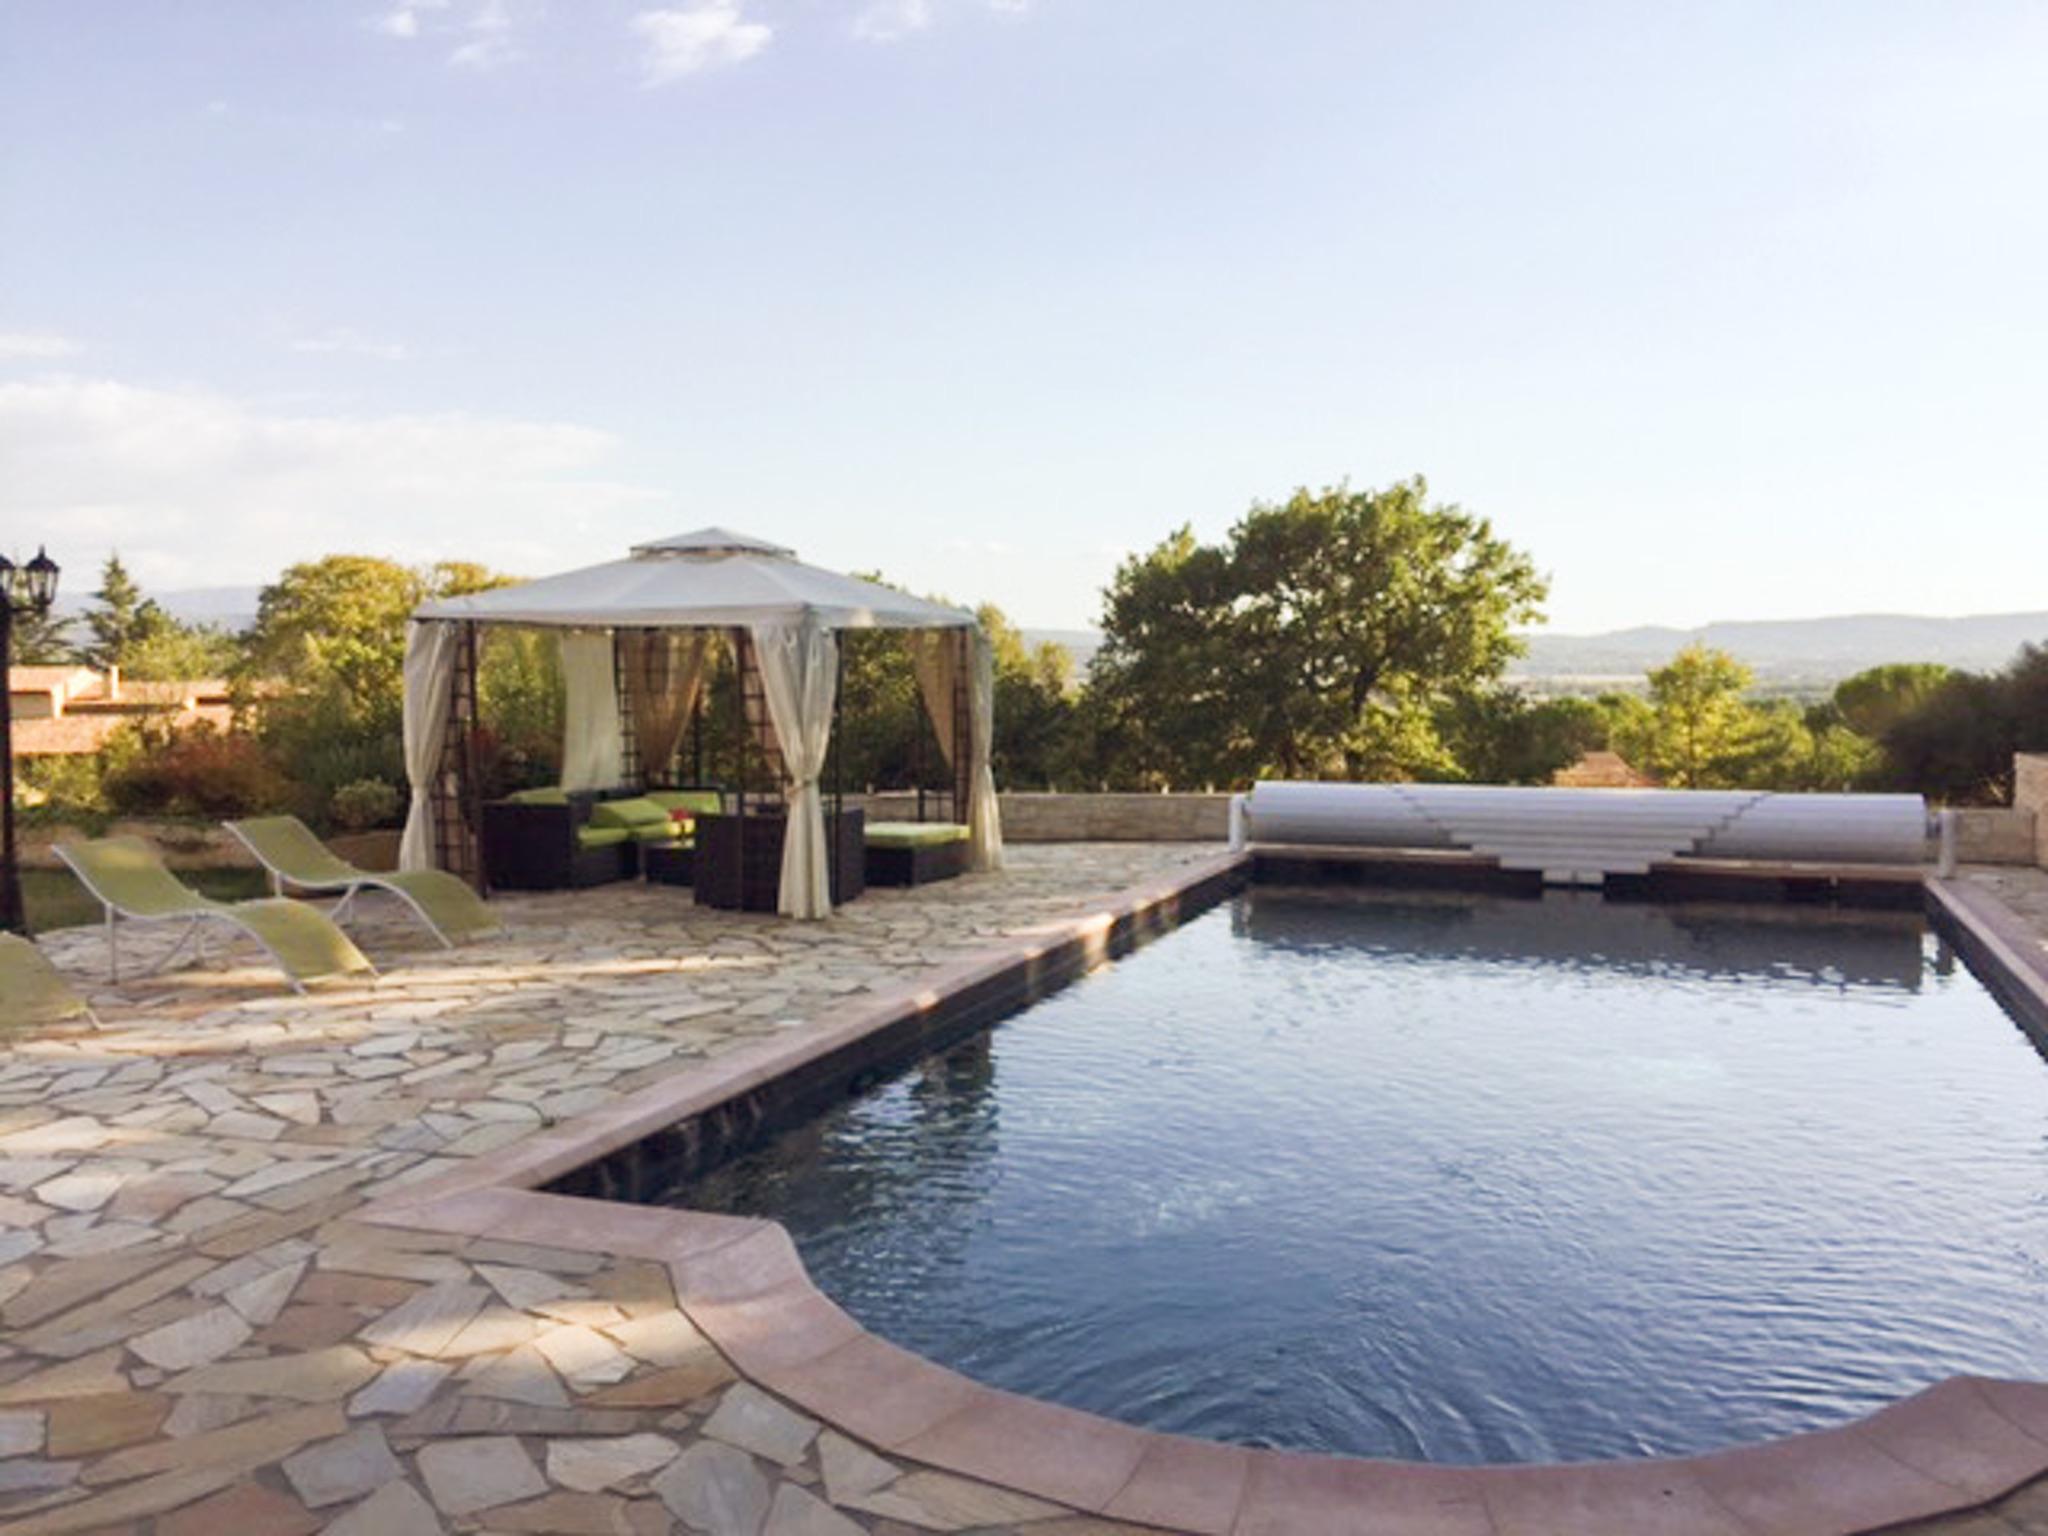 Ferienhaus Haus mit drei Schlafzimmern, Pool, Garten und Terrasse in der Luberon (2201928), Pertuis, Vaucluse, Provence - Alpen - Côte d'Azur, Frankreich, Bild 3